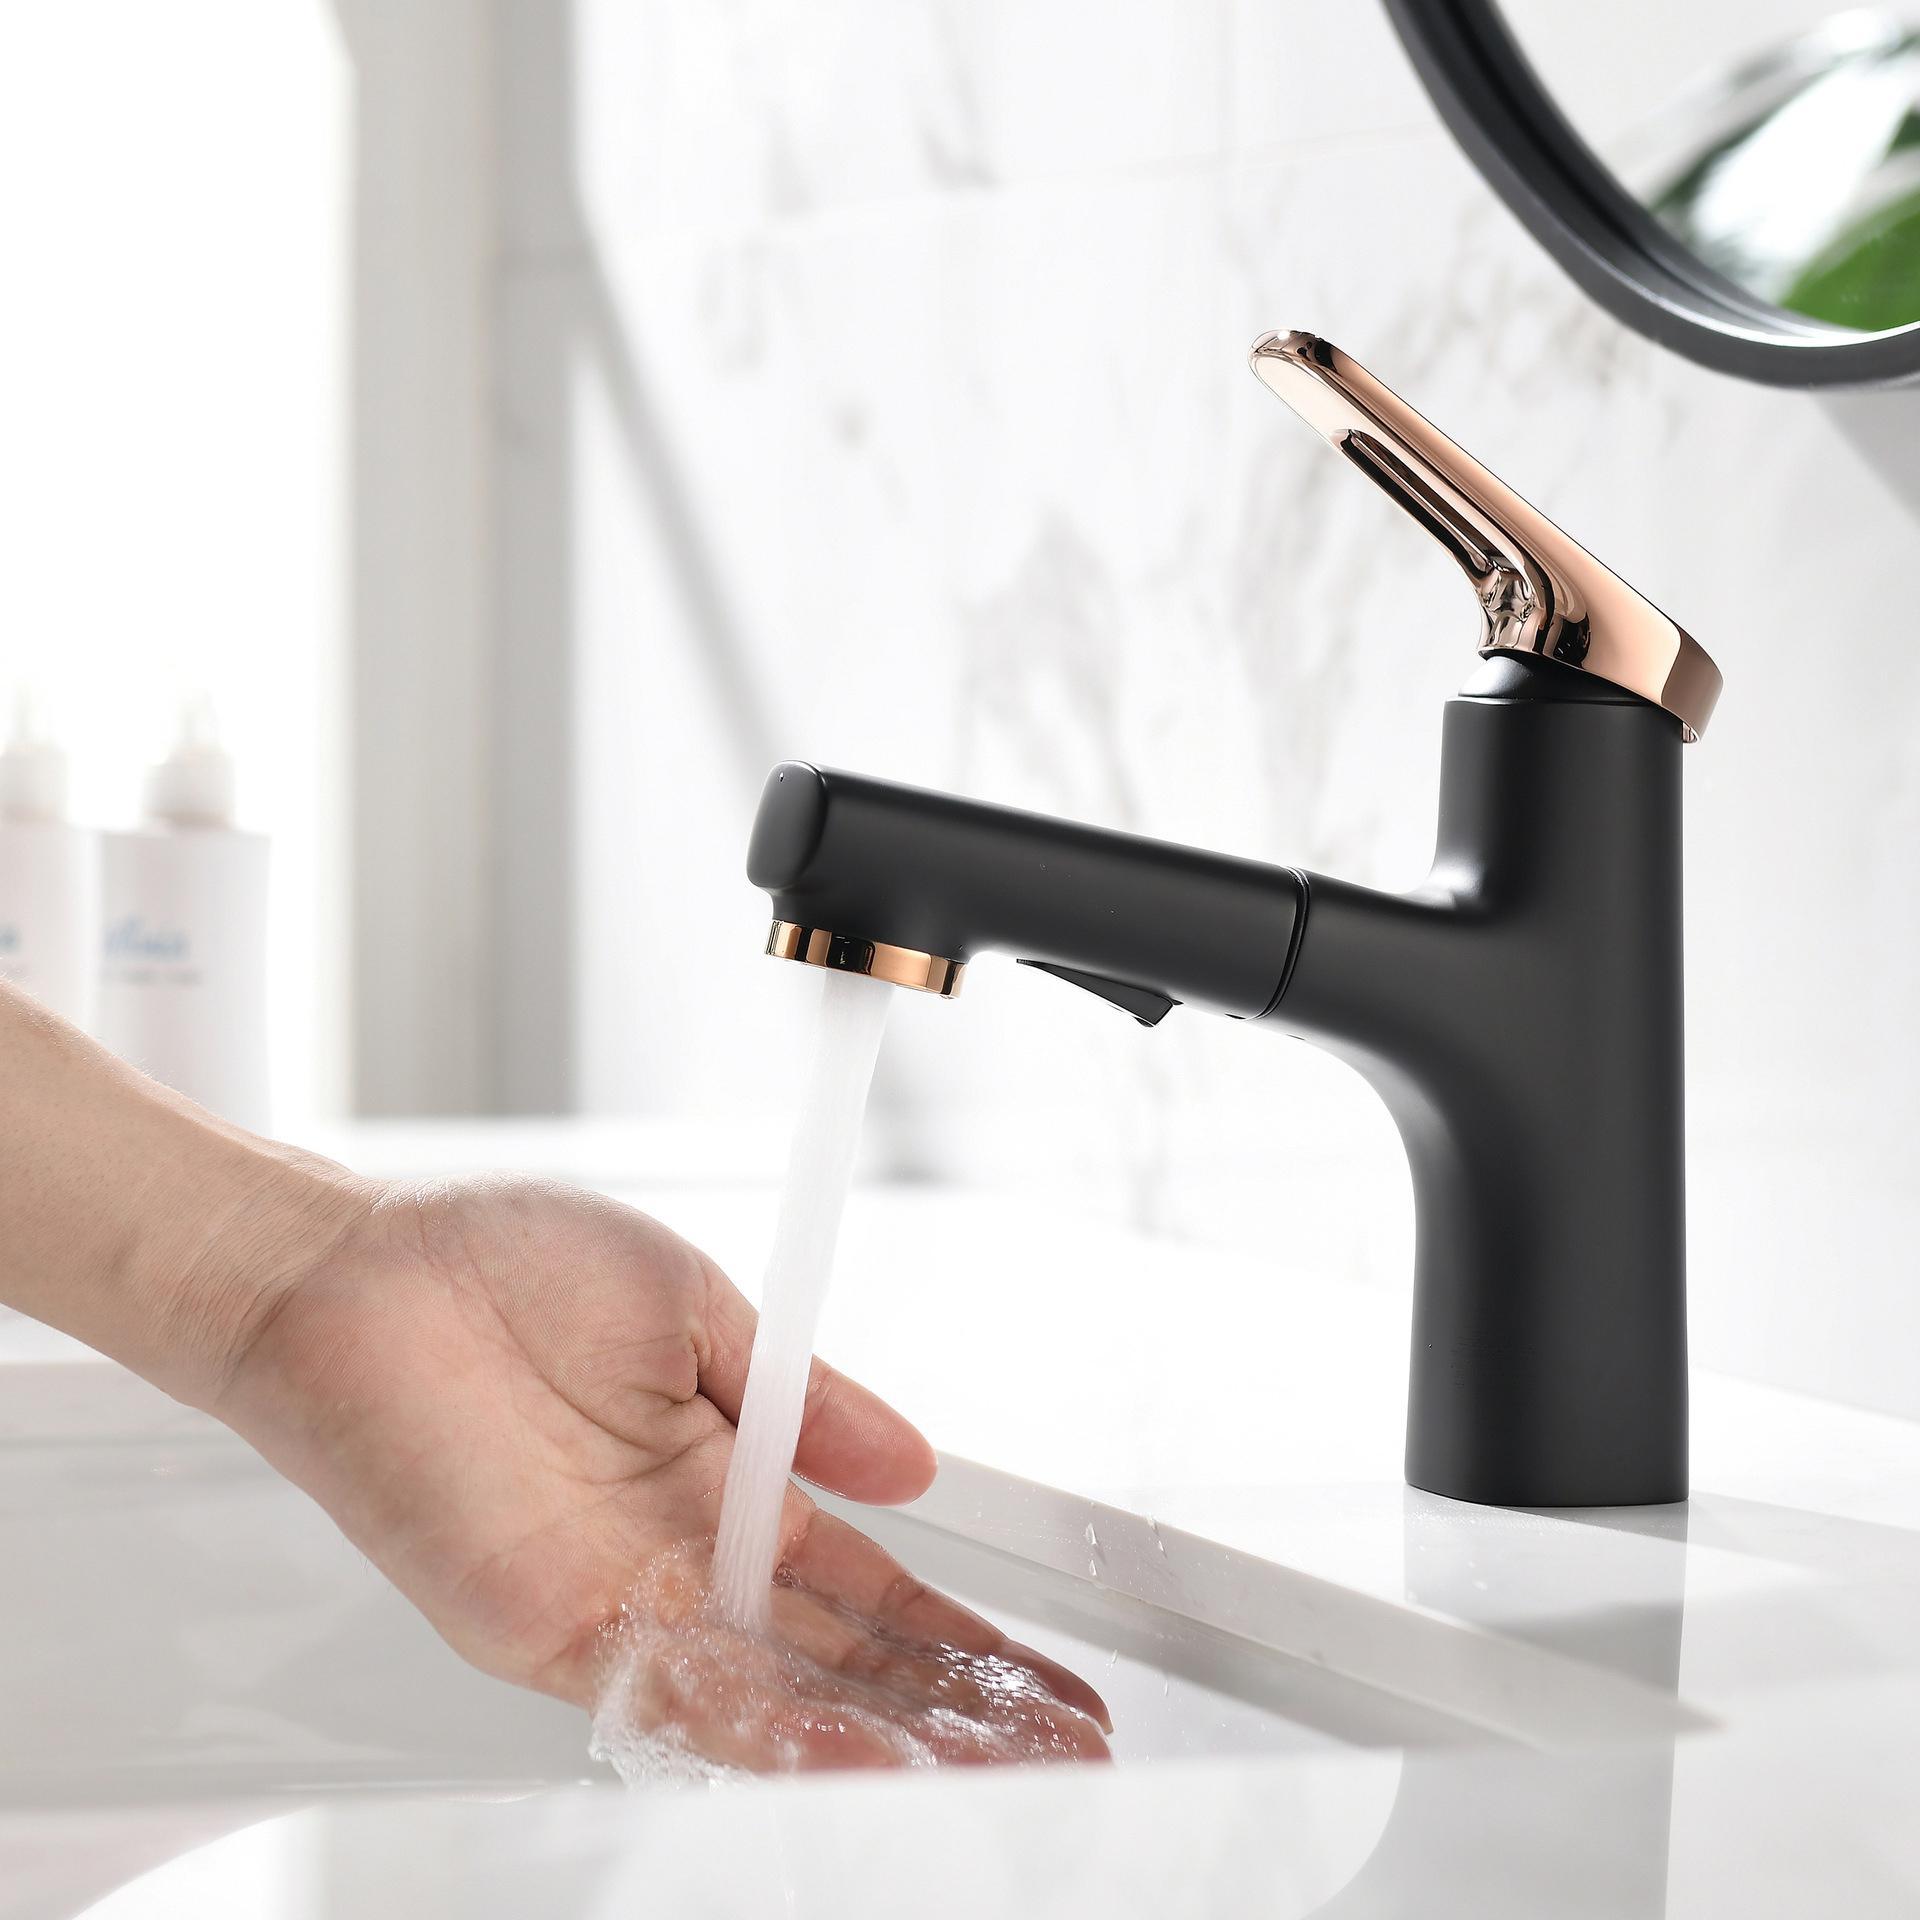 Badezimmer Becken Wasserhaarige Mischer Waschbecken Wasserhahn Ziehen Badezimmer Wasser Chrom Messing Modernes Waschbecken